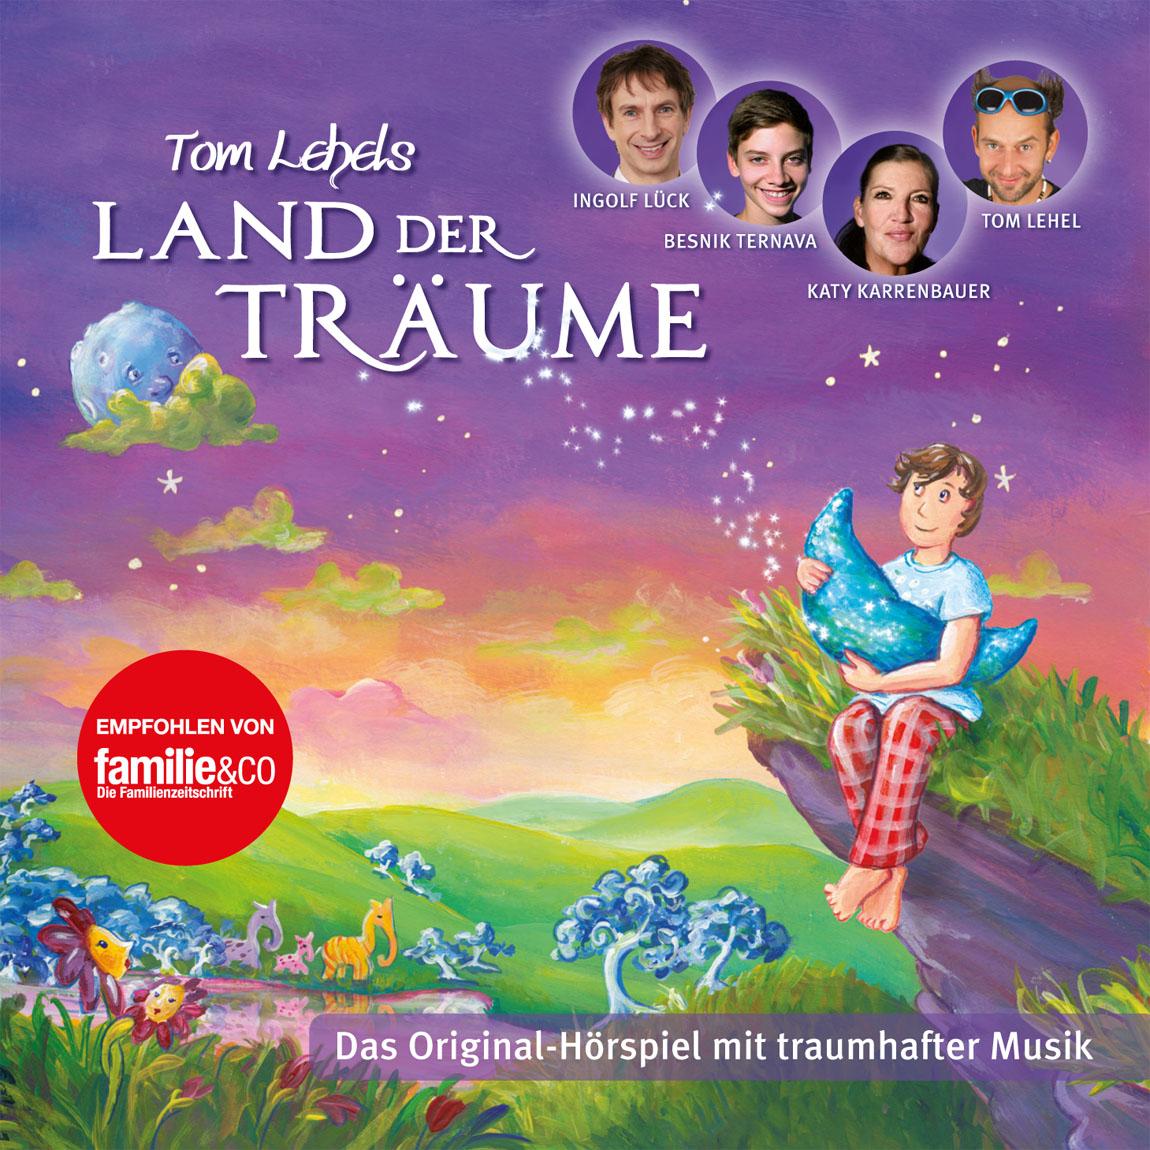 Tom Lehels Land Der Träume – Das Original-Hörspiel mit traumhafter Musik